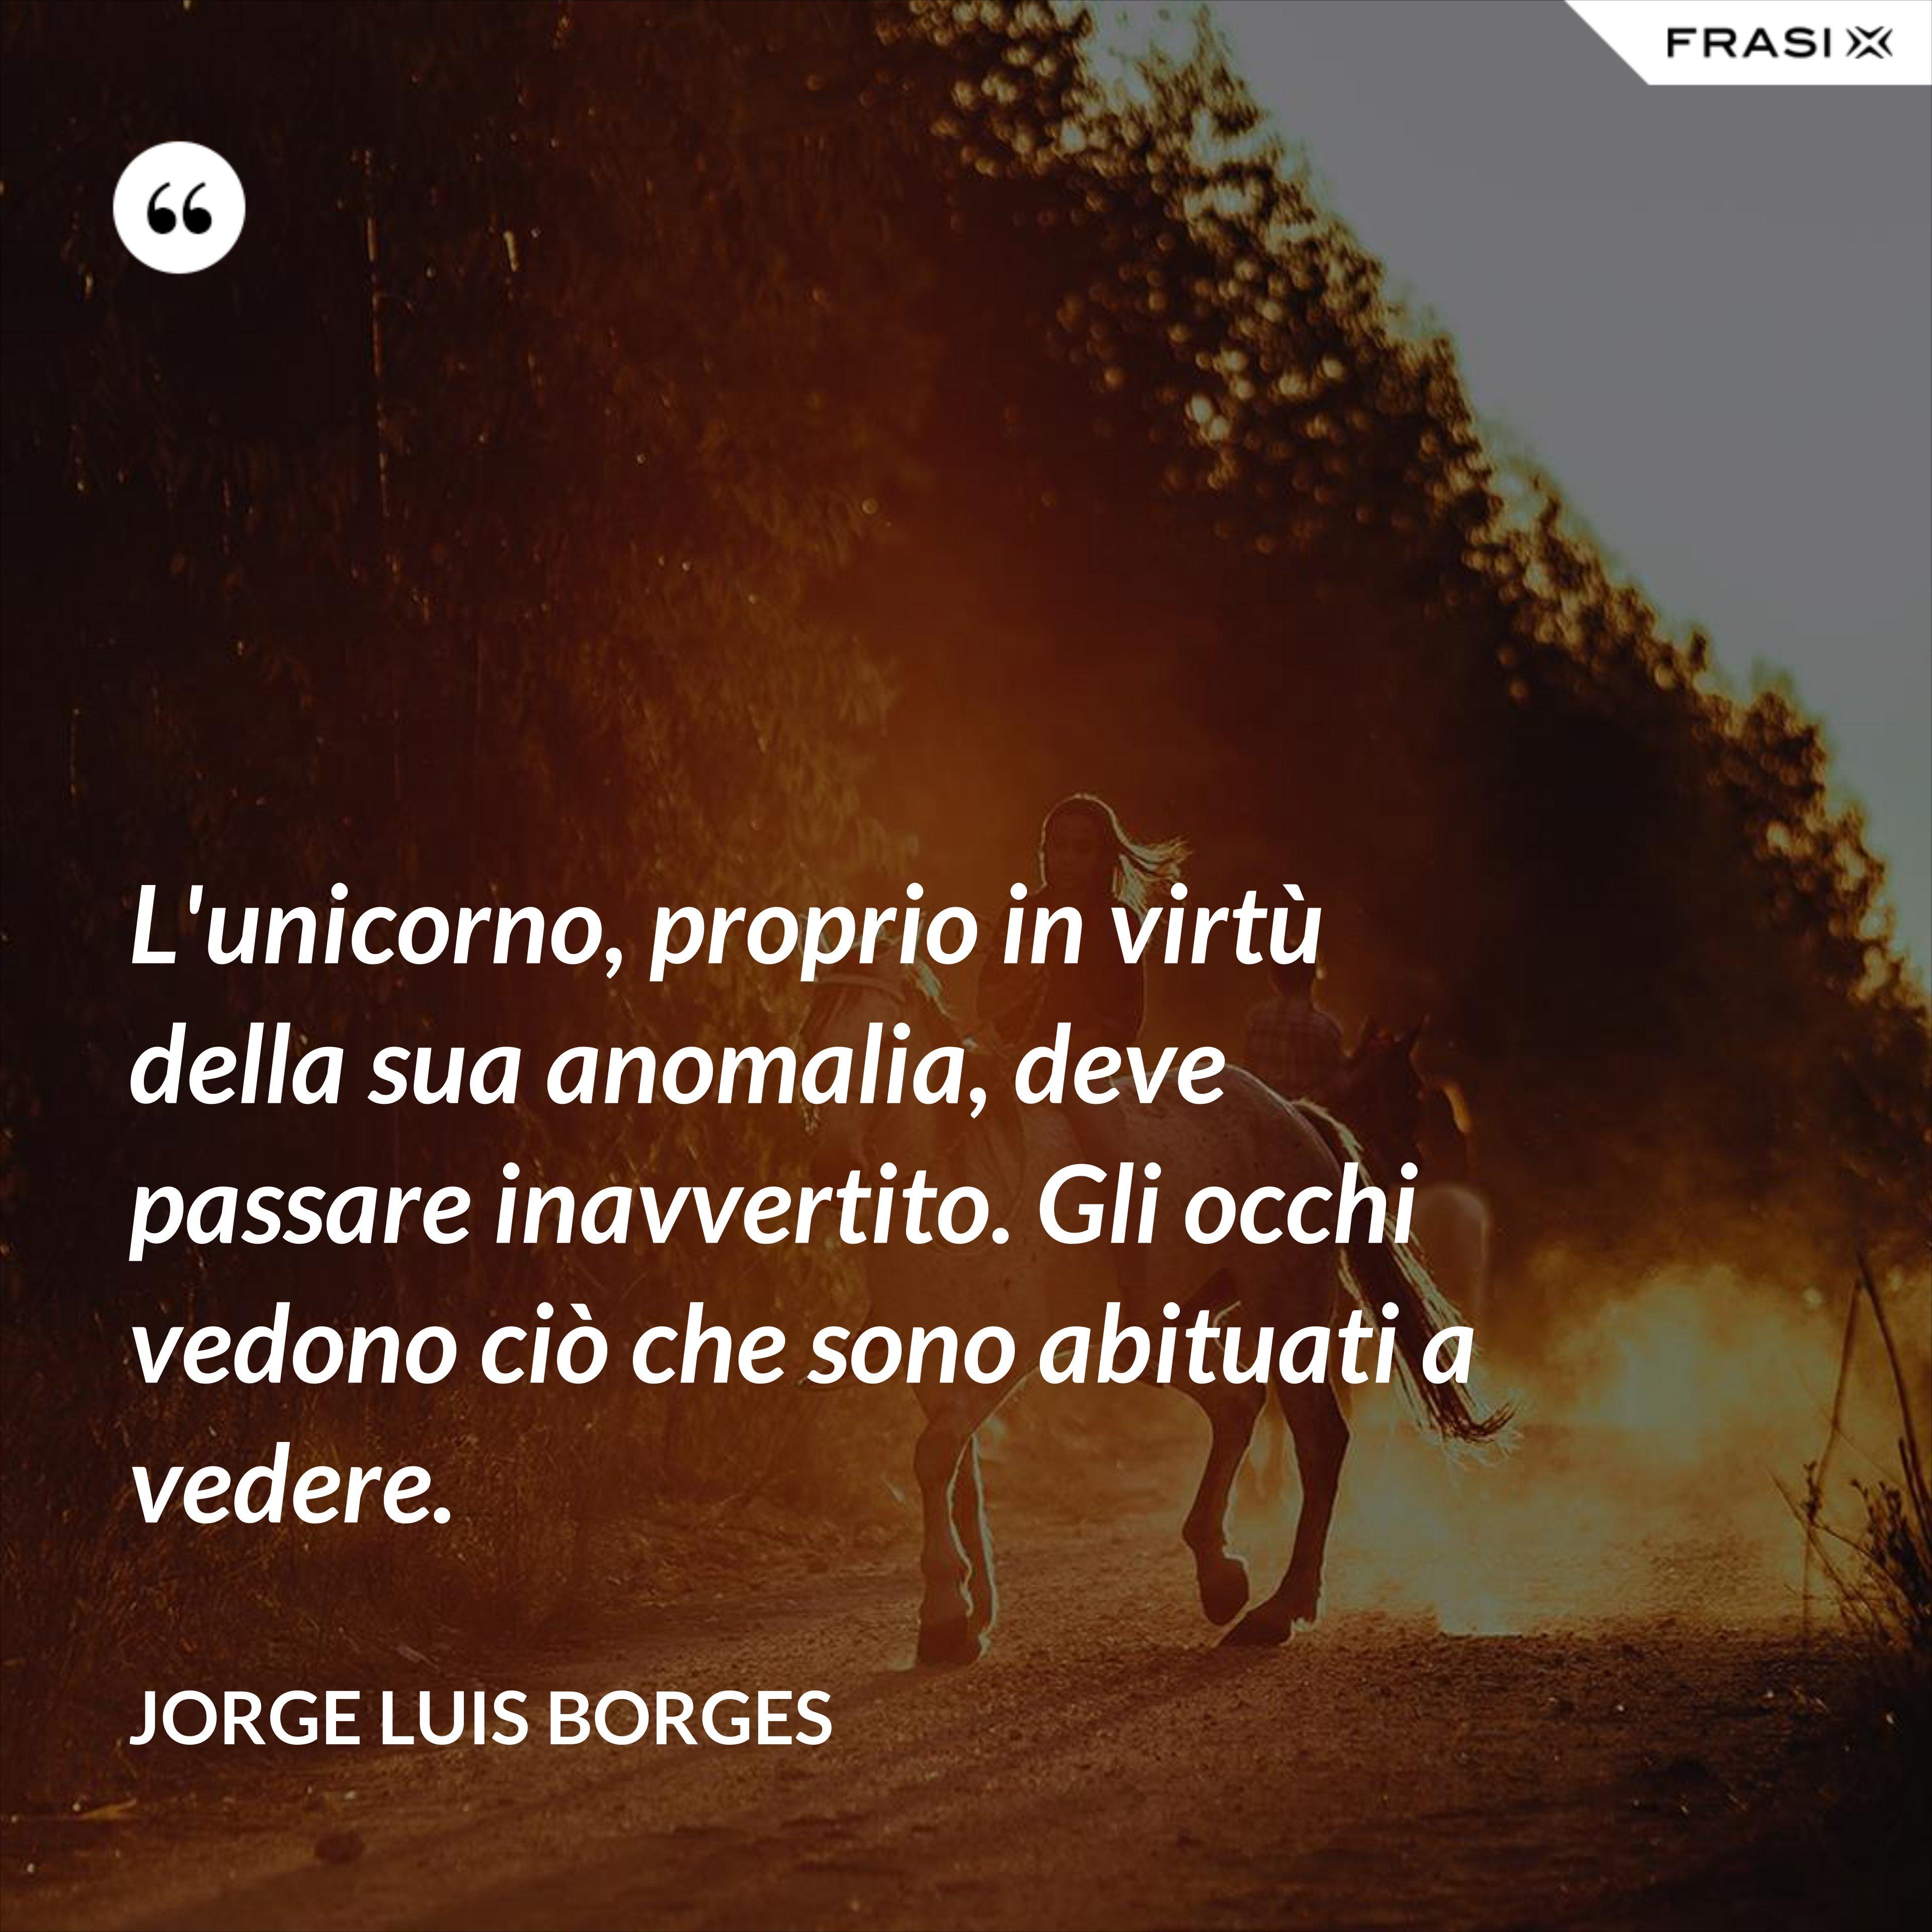 L'unicorno, proprio in virtù della sua anomalia, deve passare inavvertito. Gli occhi vedono ciò che sono abituati a vedere. - Jorge Luis Borges